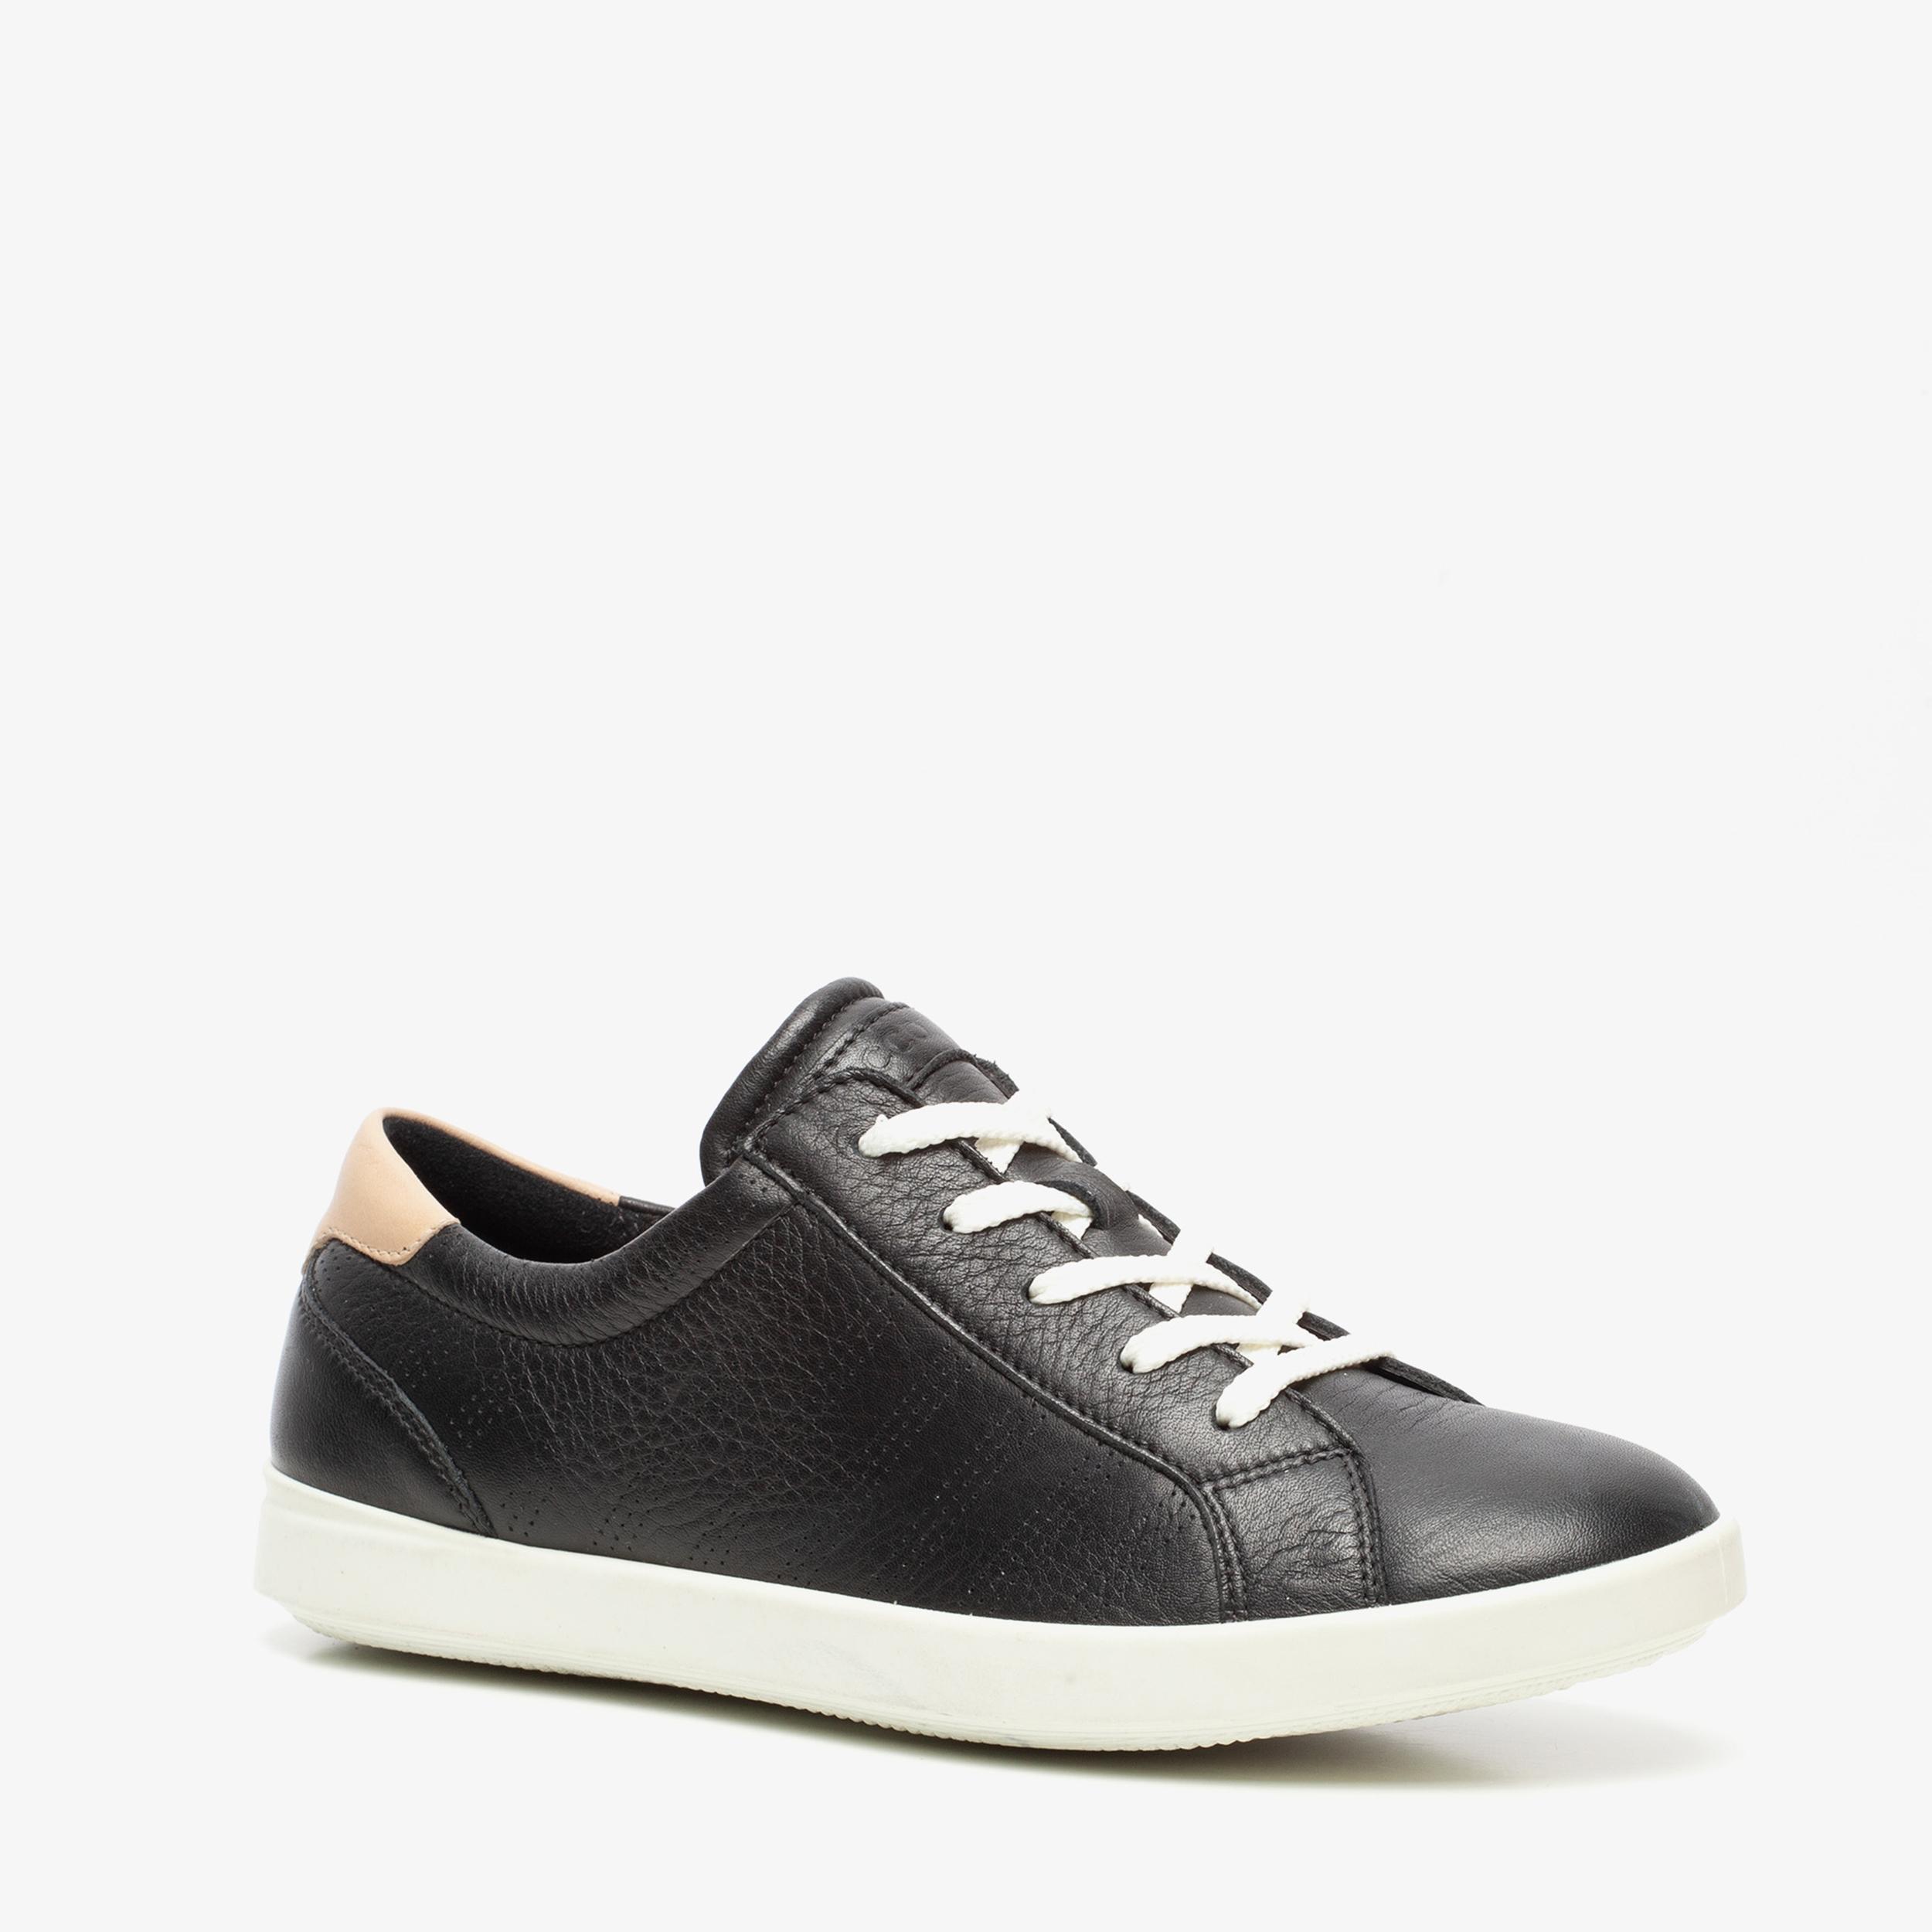 Ecco sneakers Schoenen sneakers, Schoenen en Damesmode